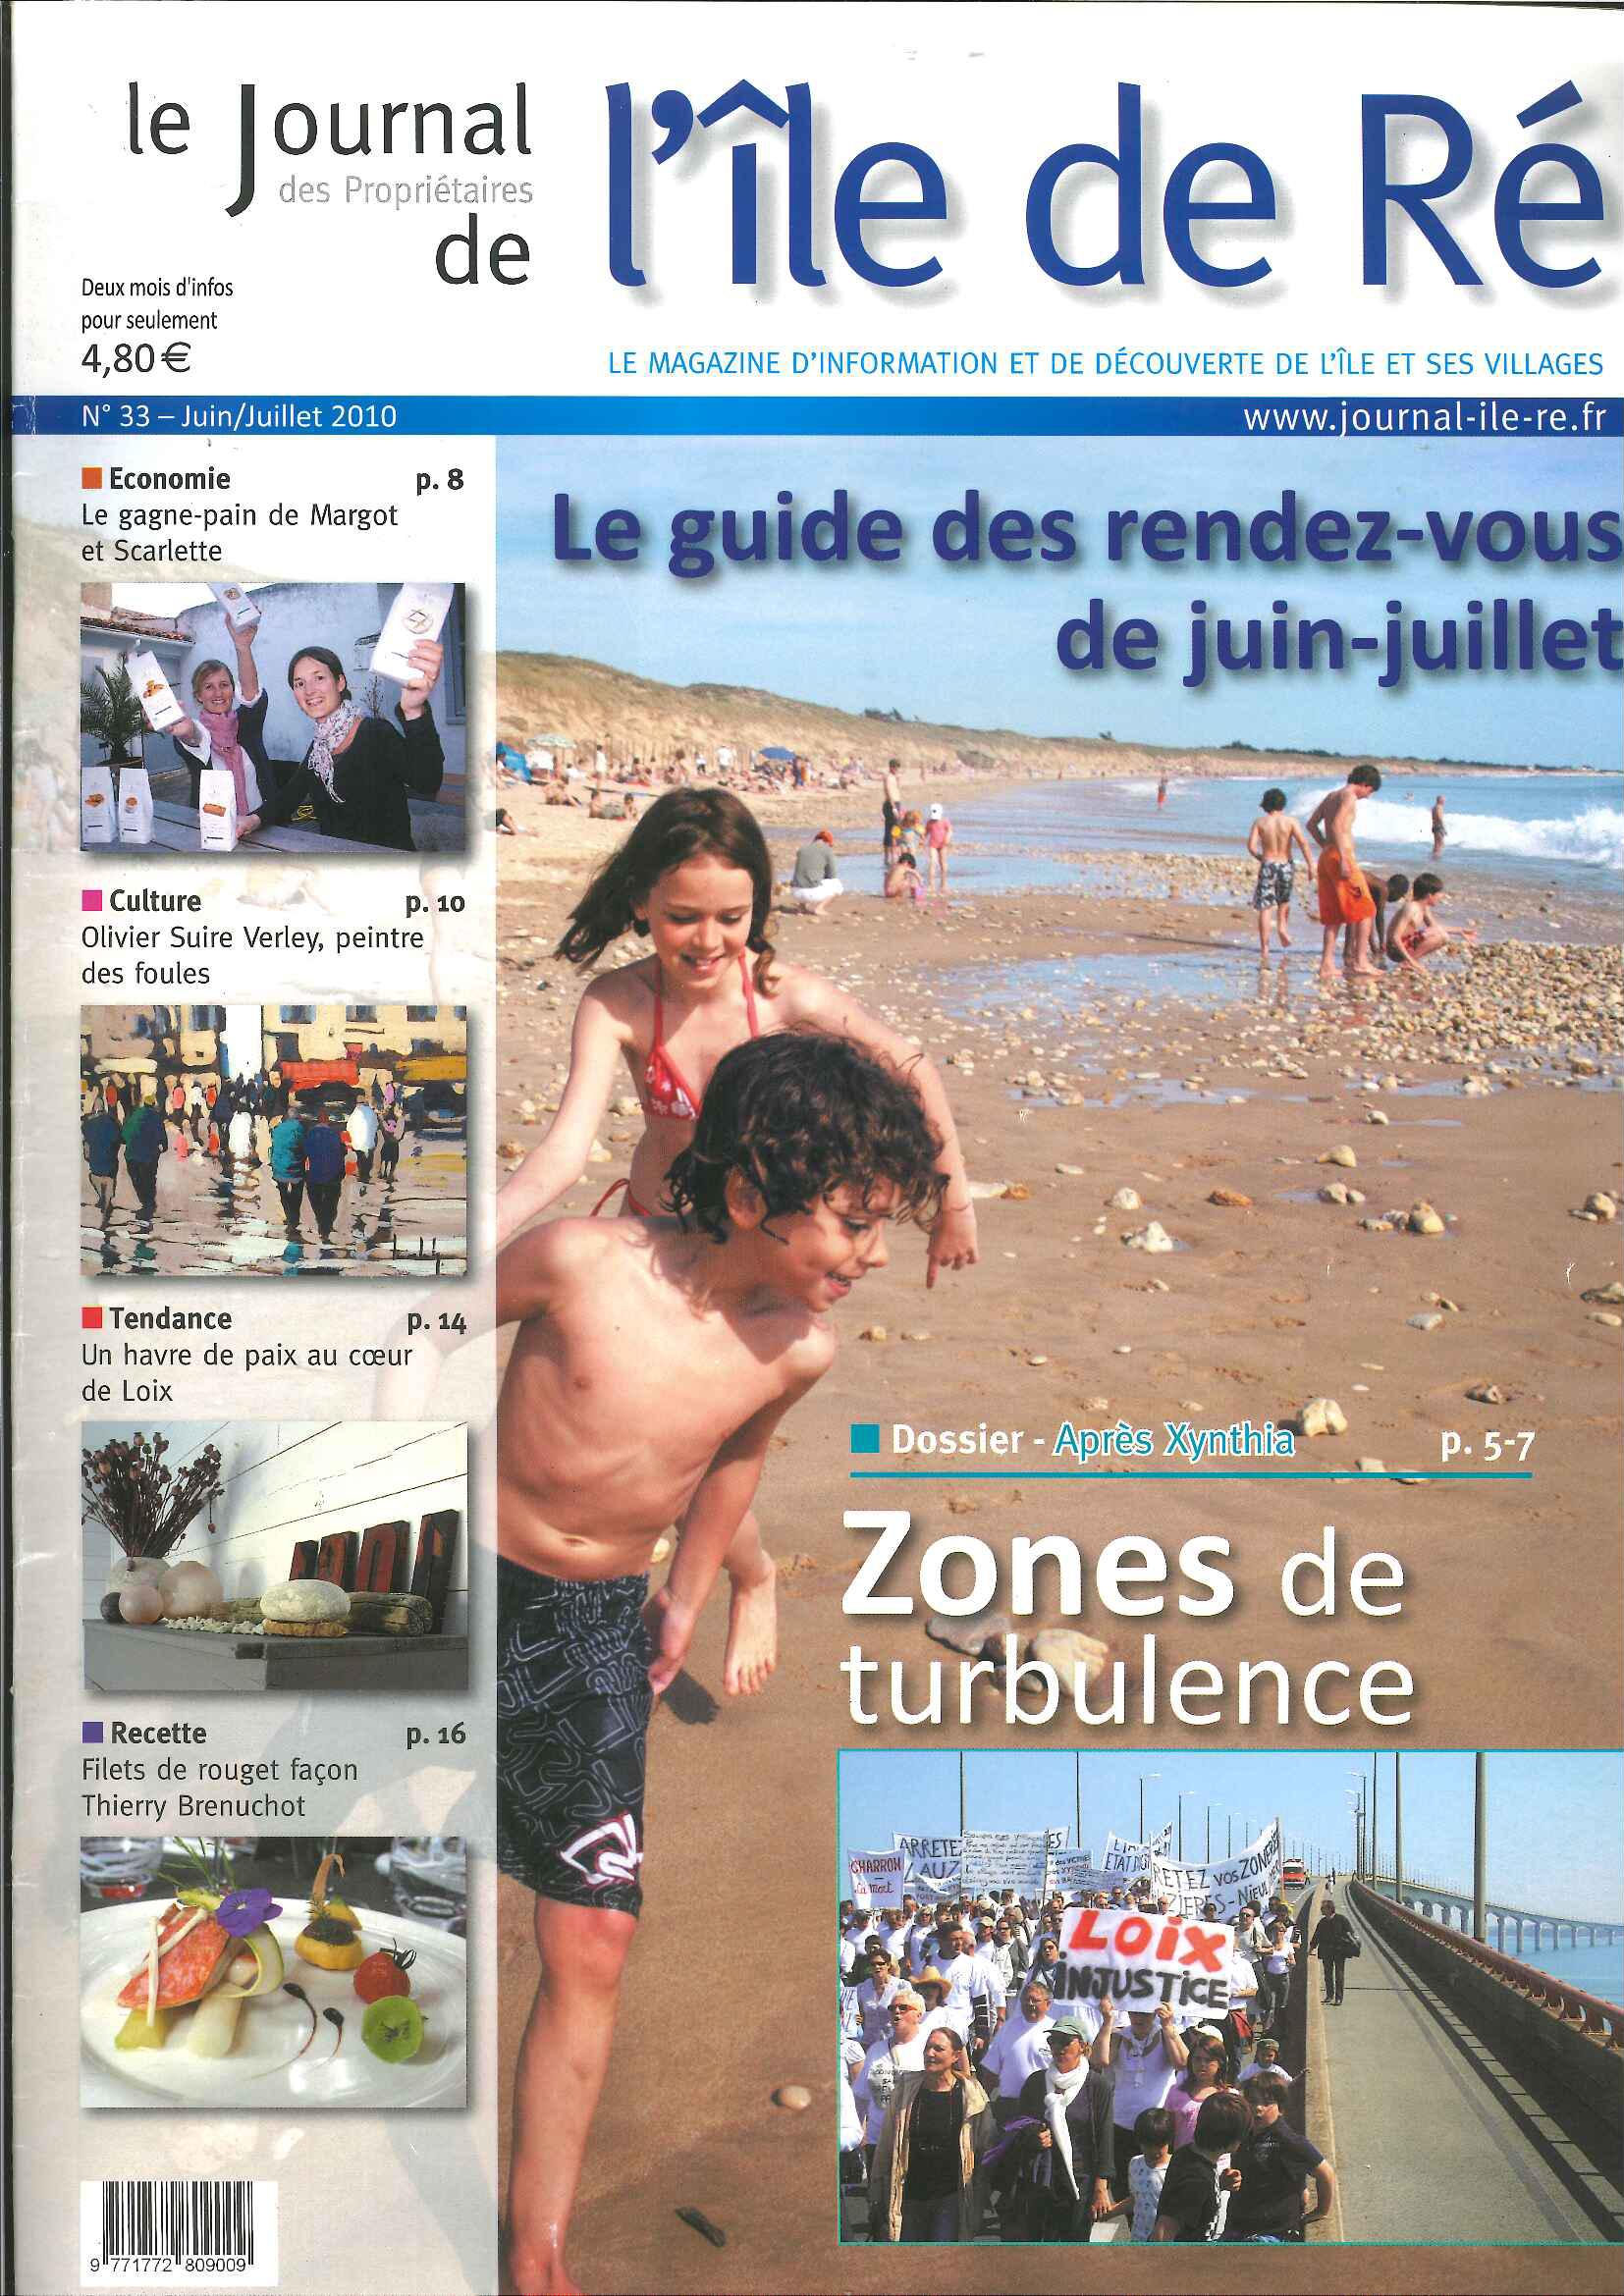 Journal de l'île de Ré n°33 – Juin 10